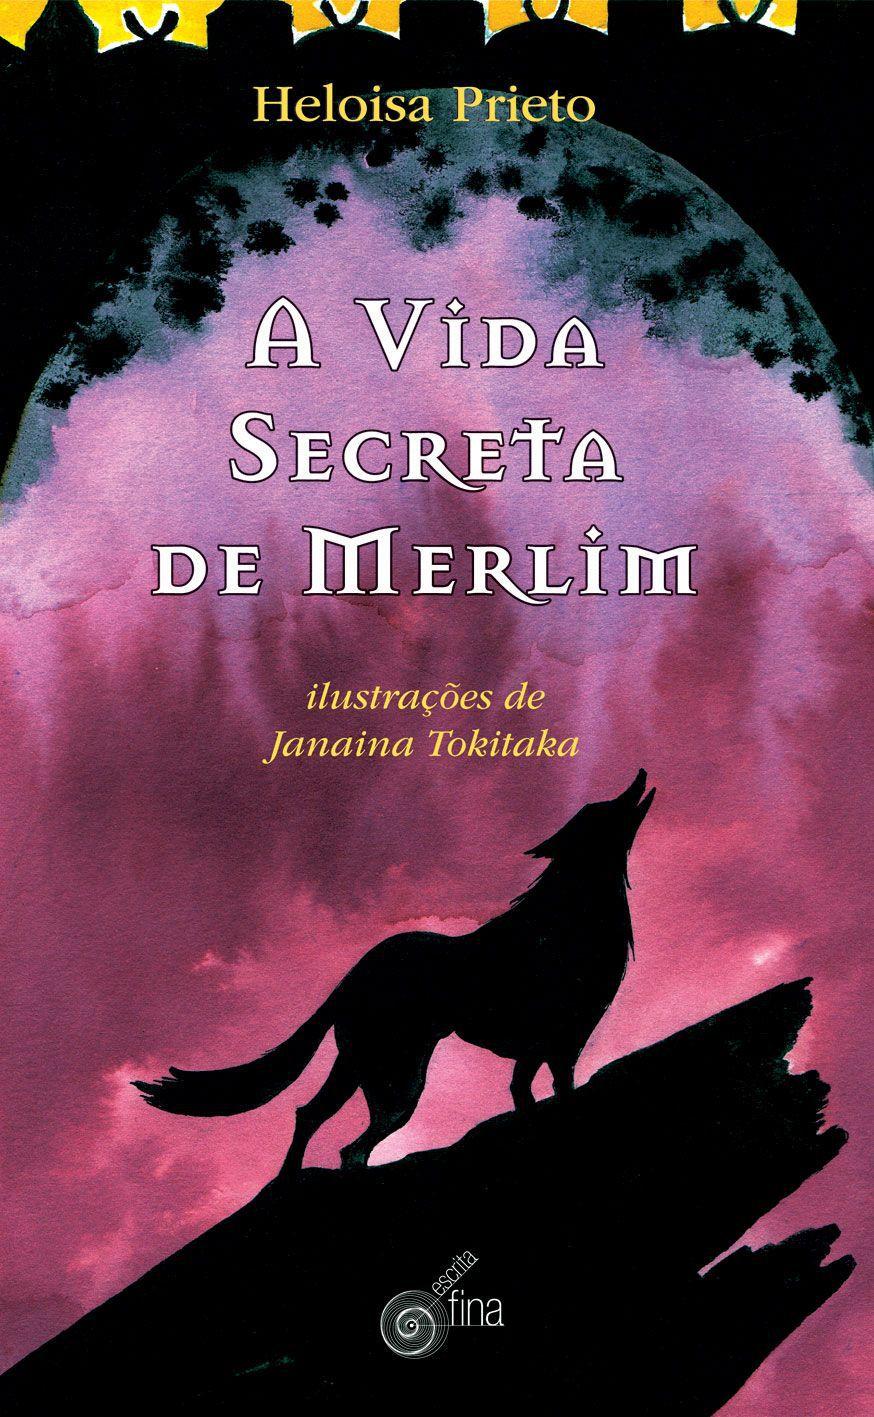 A VIDA SECRETA DE MERLIM